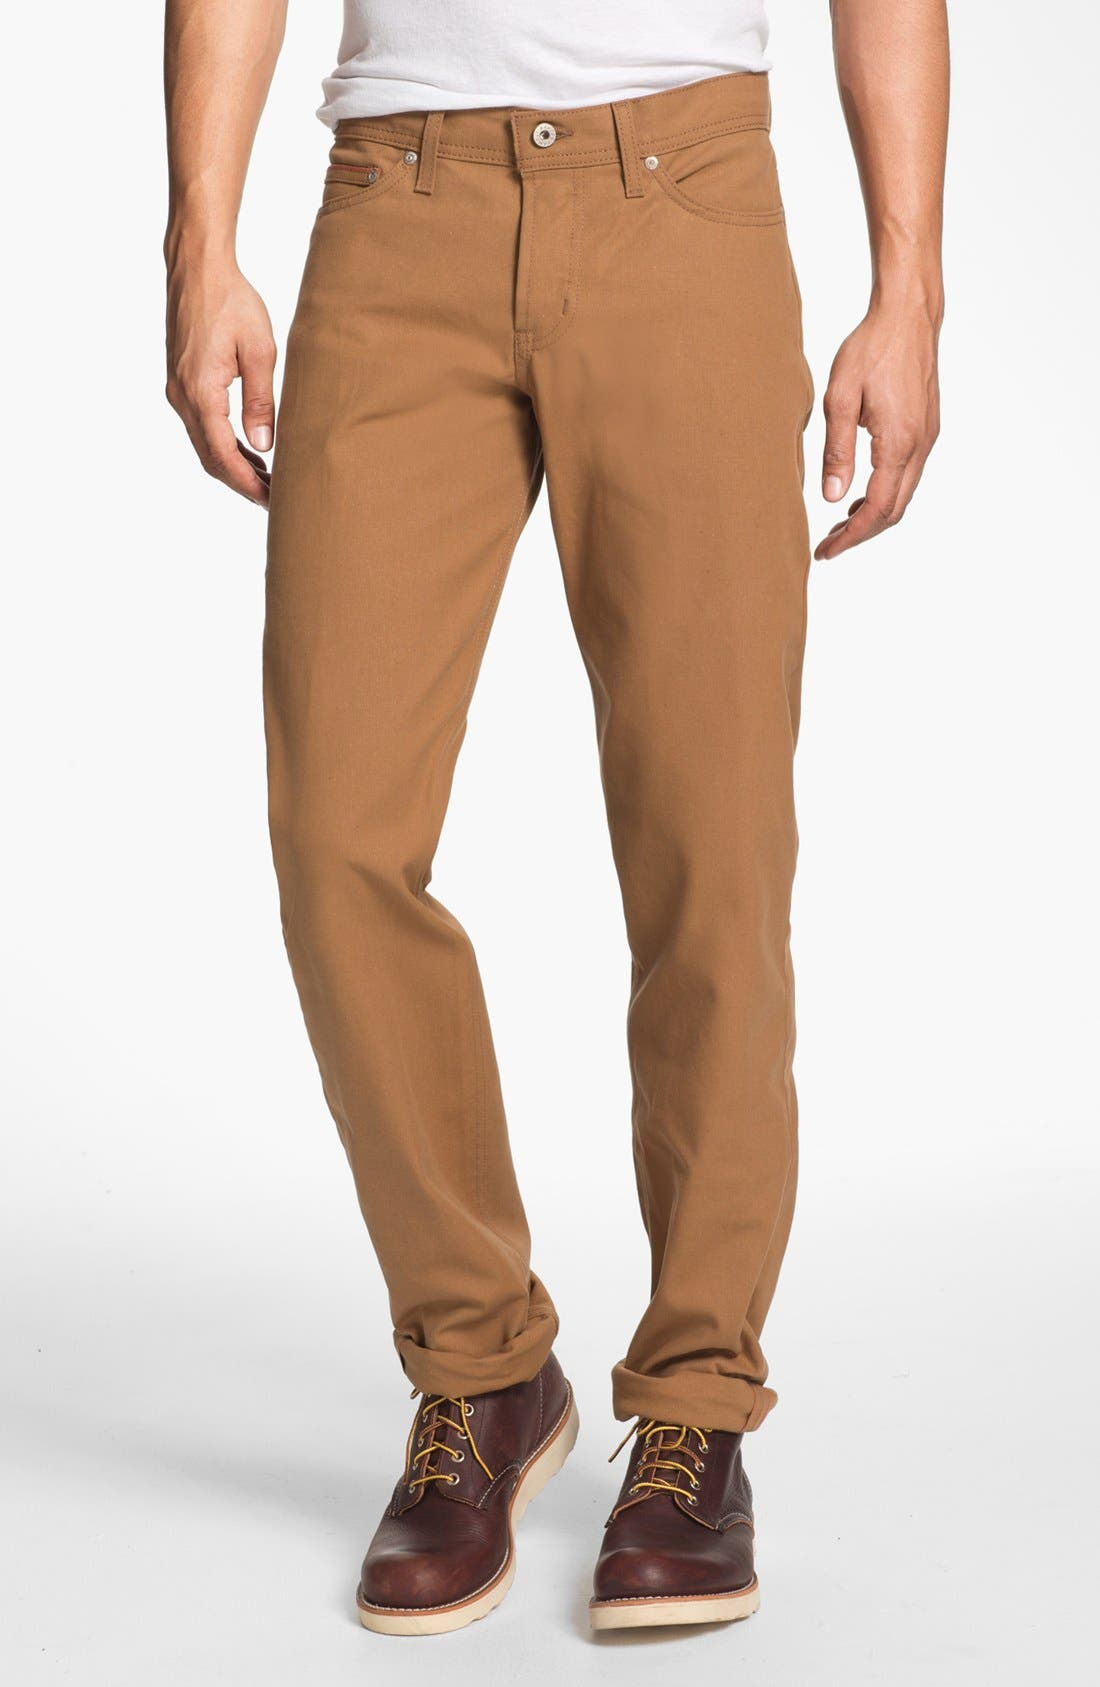 Main Image - Naked & Famous Denim Weird Guy Slim Tapered Leg Selvedge Jeans (Vintage Brown Khaki)